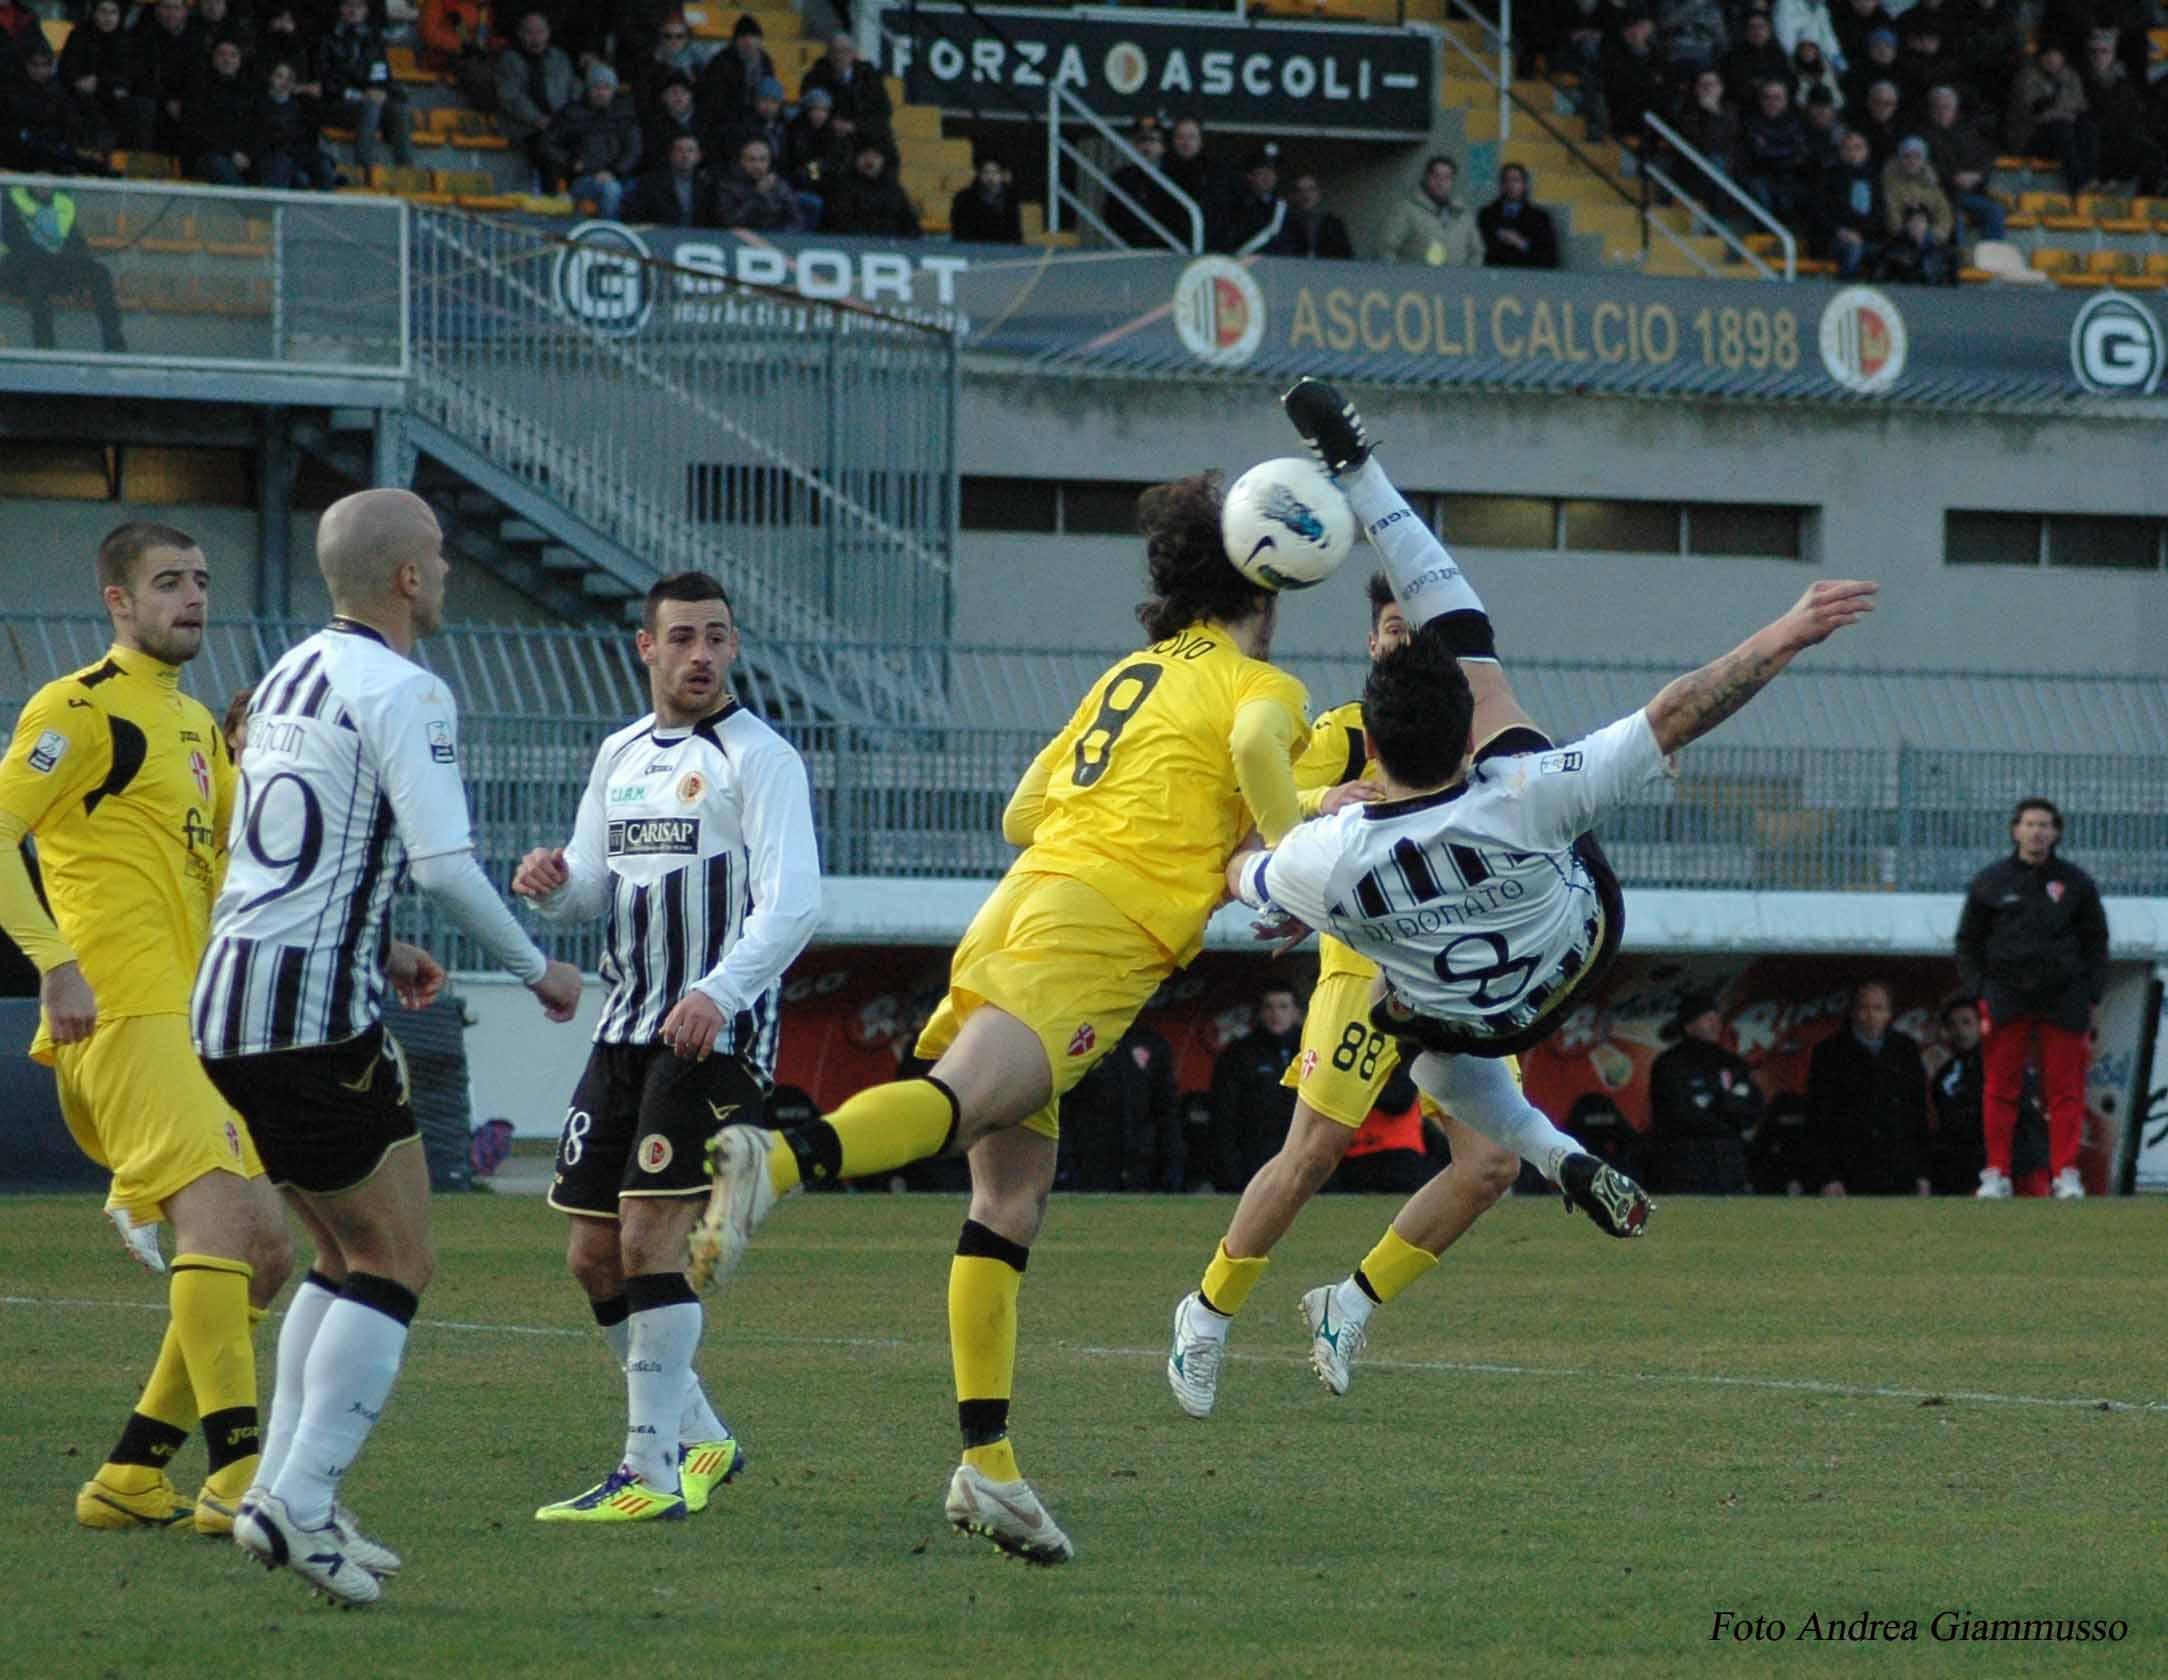 Ascoli-Padova, Di Donato in rovesciata